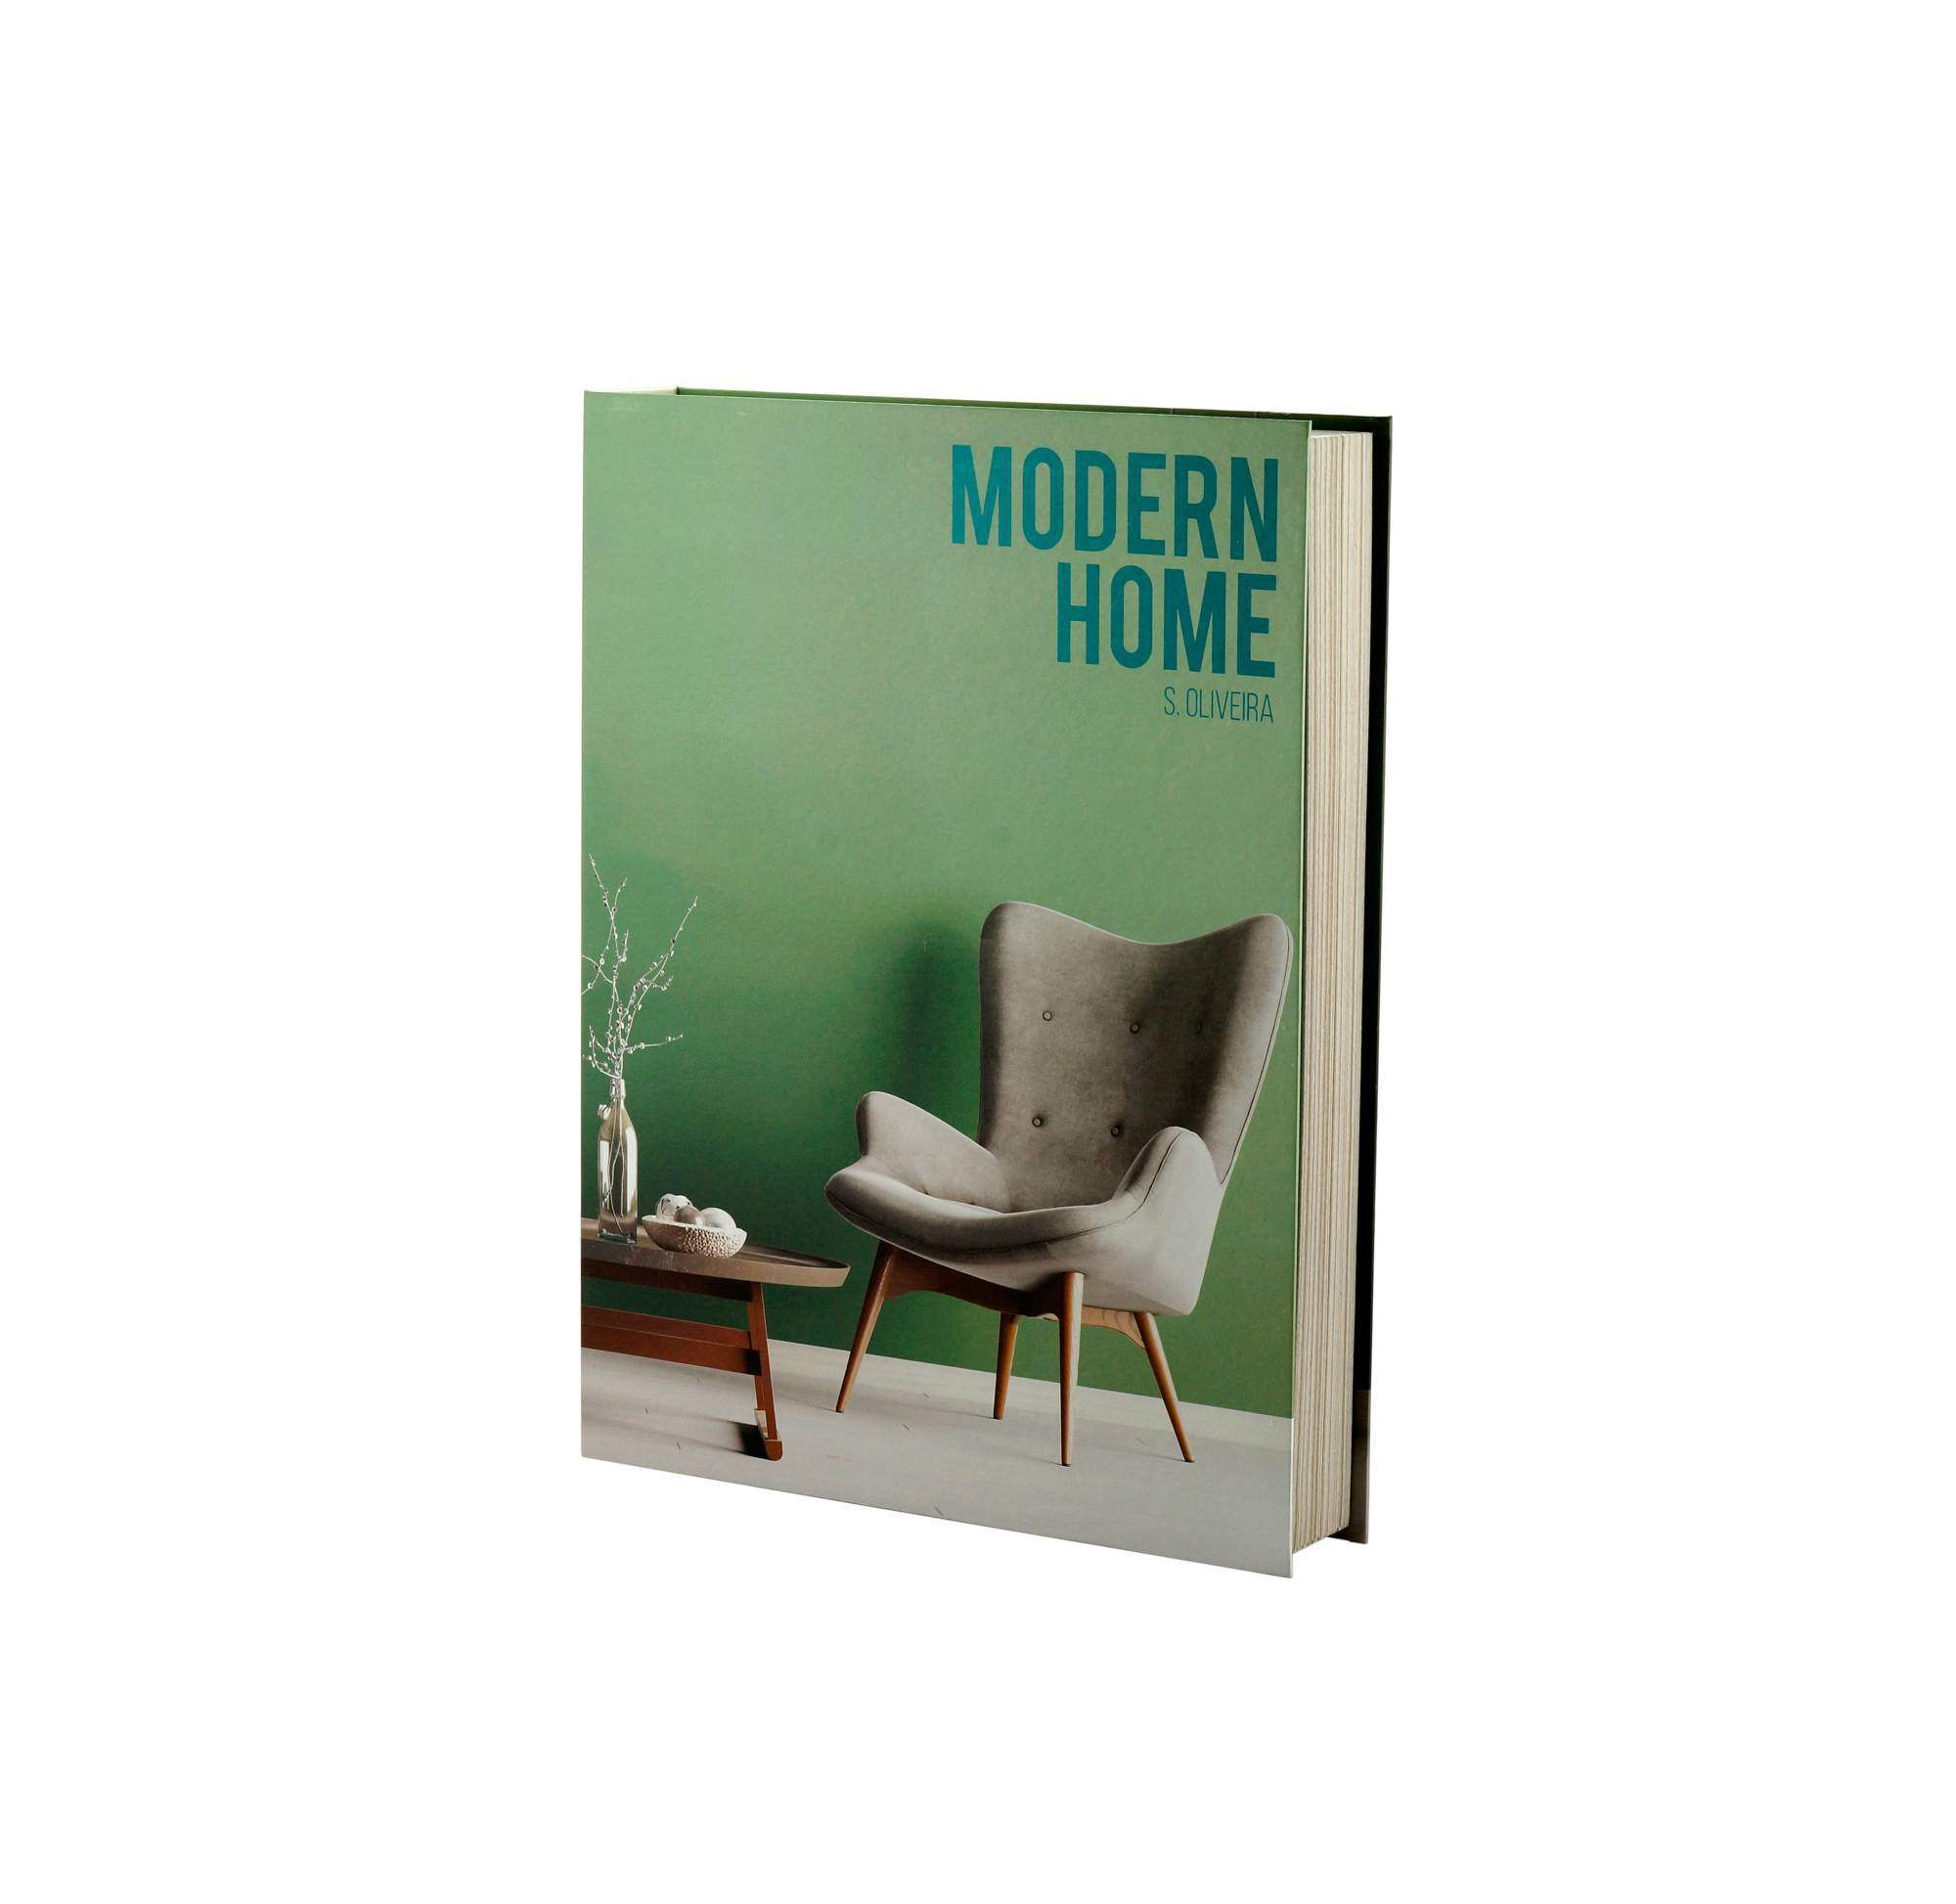 Caixa Livro Papel Rigido Modern Home 36x27x5cm